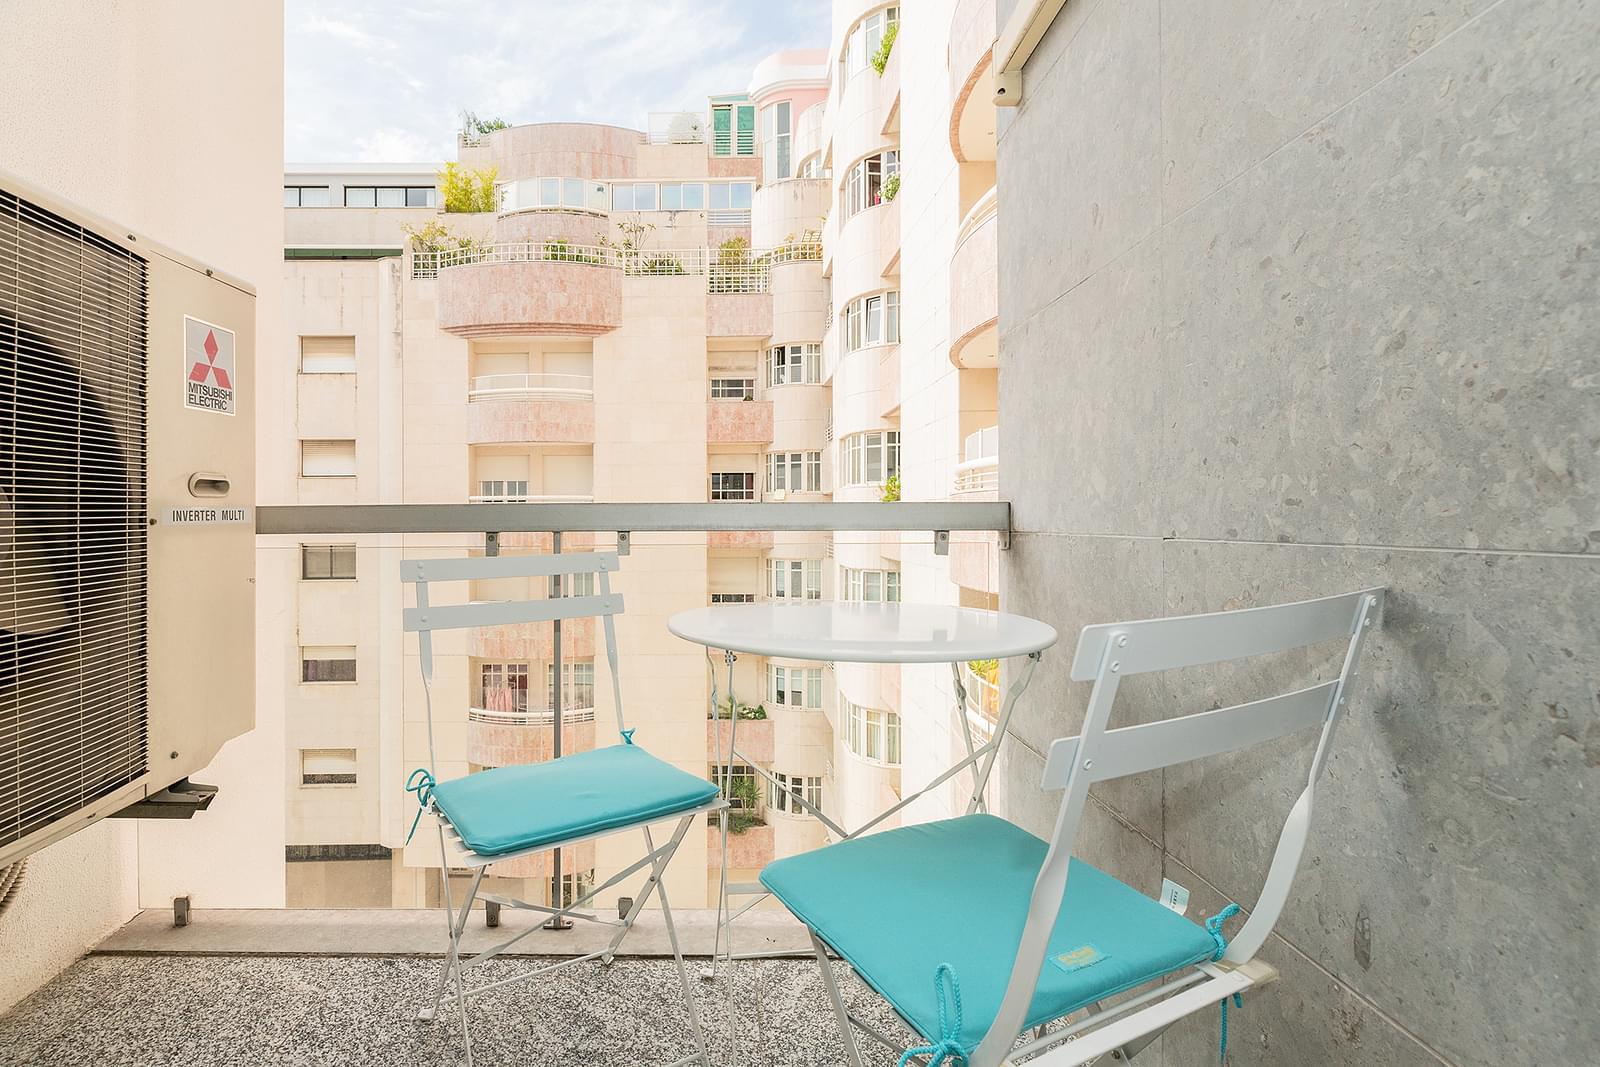 pf18049-apartamento-t3-lisboa-fe4ddbcd-f204-404d-a823-eacac4f84304